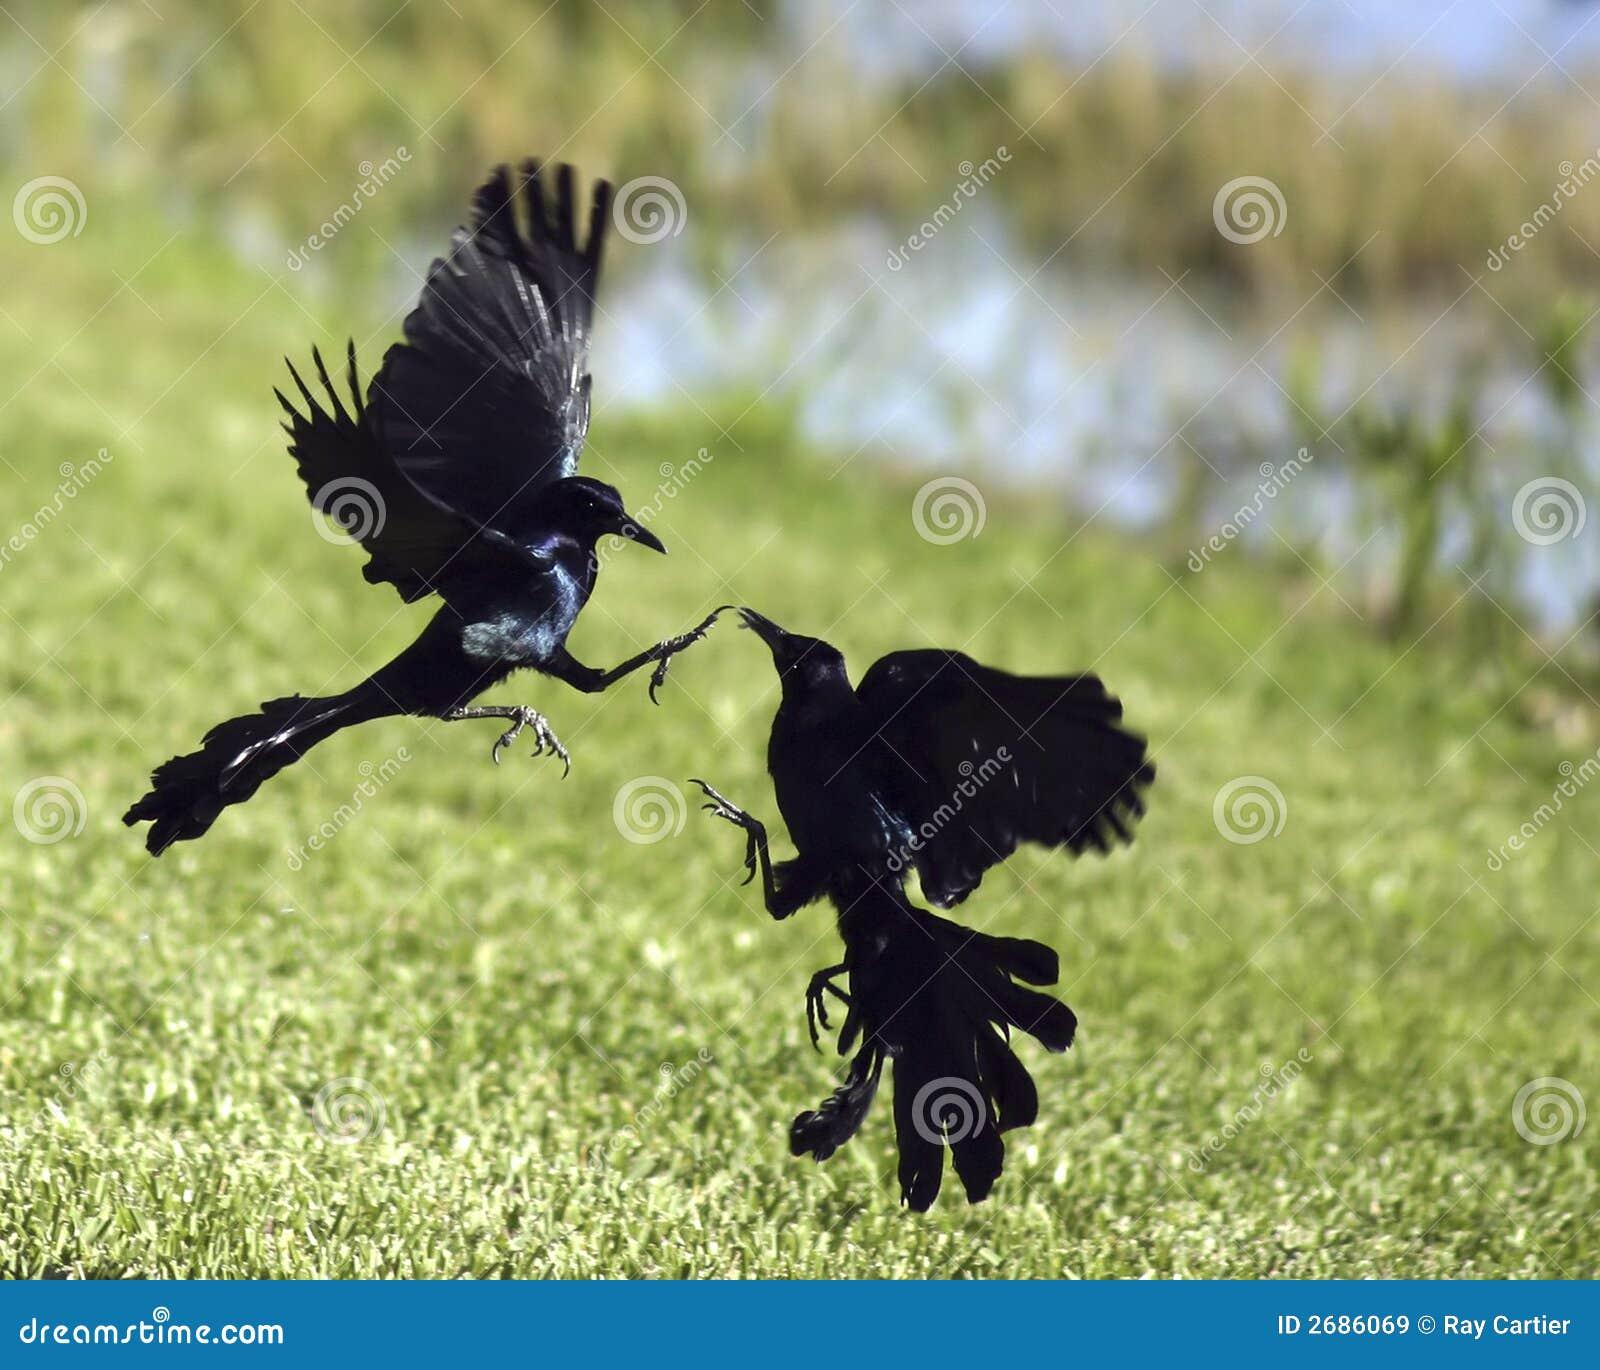 https://thumbs.dreamstime.com/z/oiseaux-noirs-de-combat-2686069.jpg